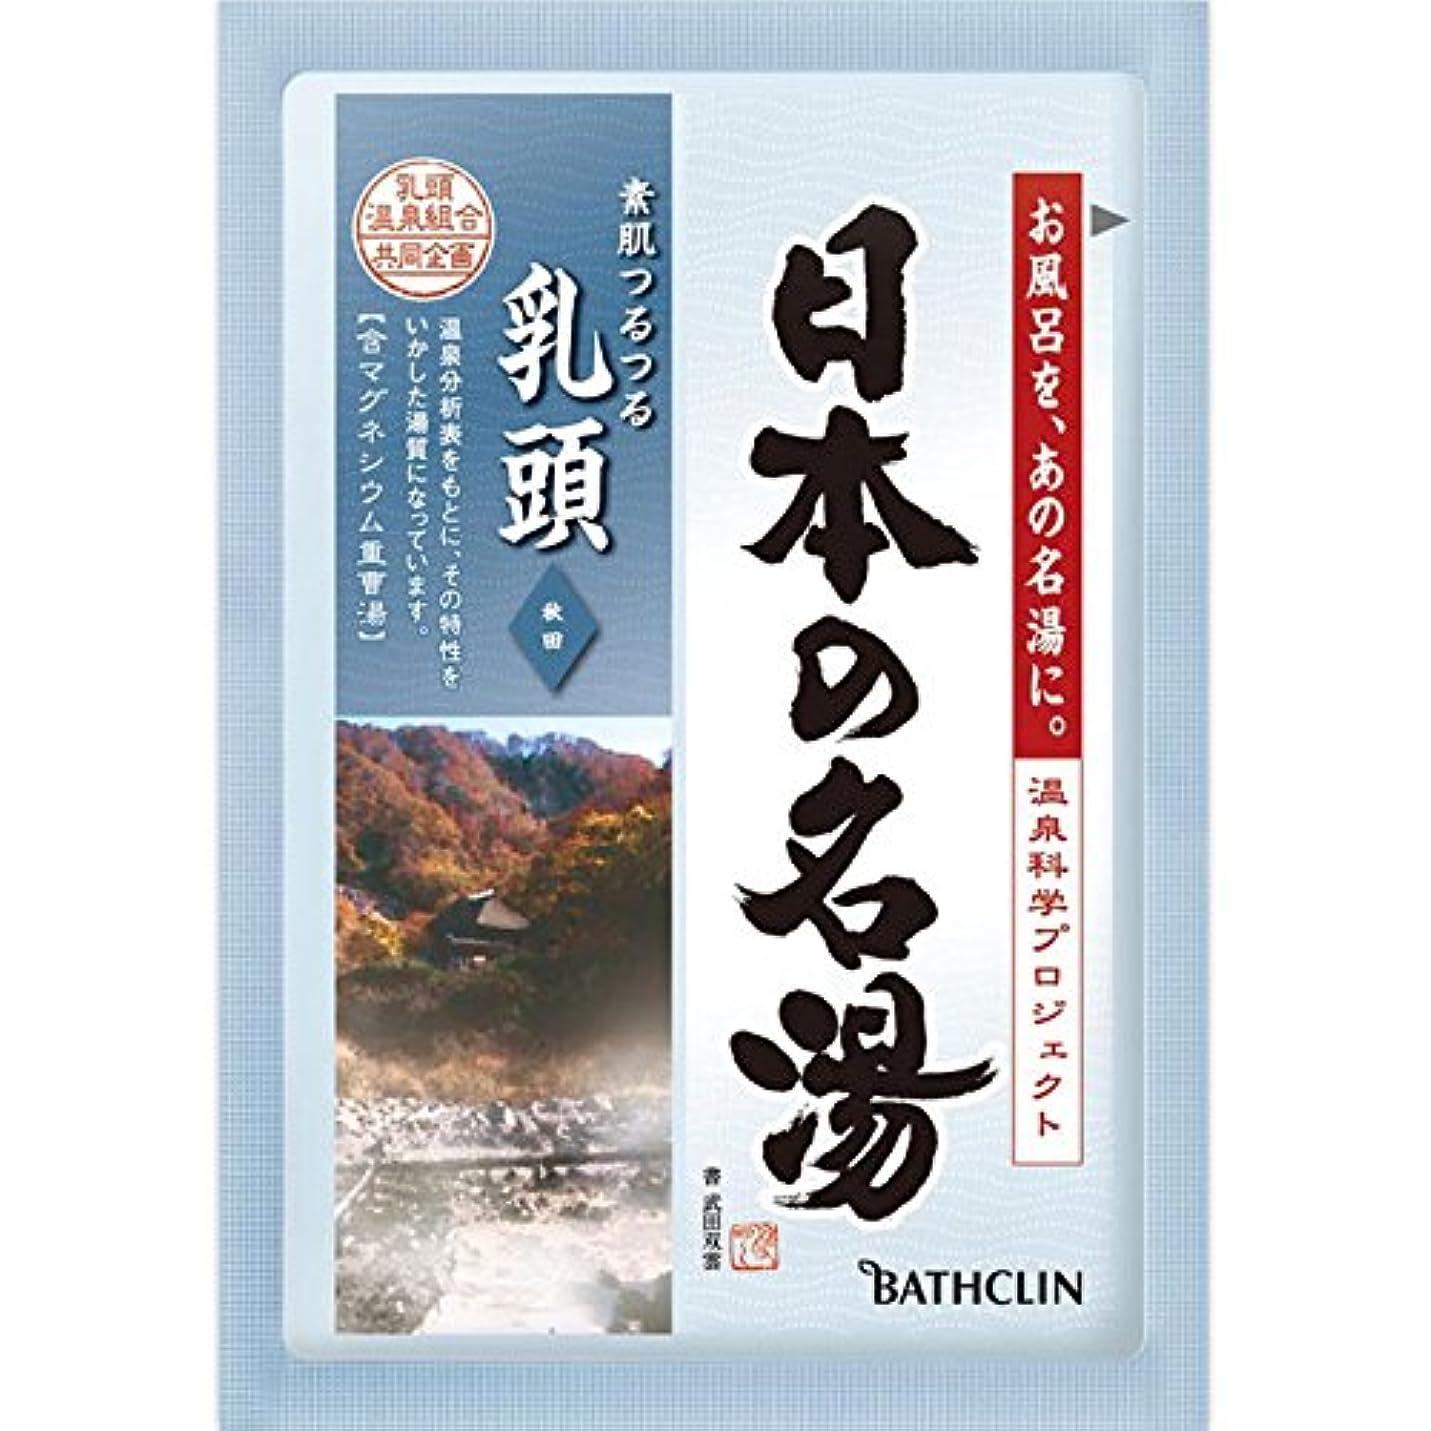 趣味特権的トラクターバスクリン 日本の名湯 乳頭 30g (医薬部外品)